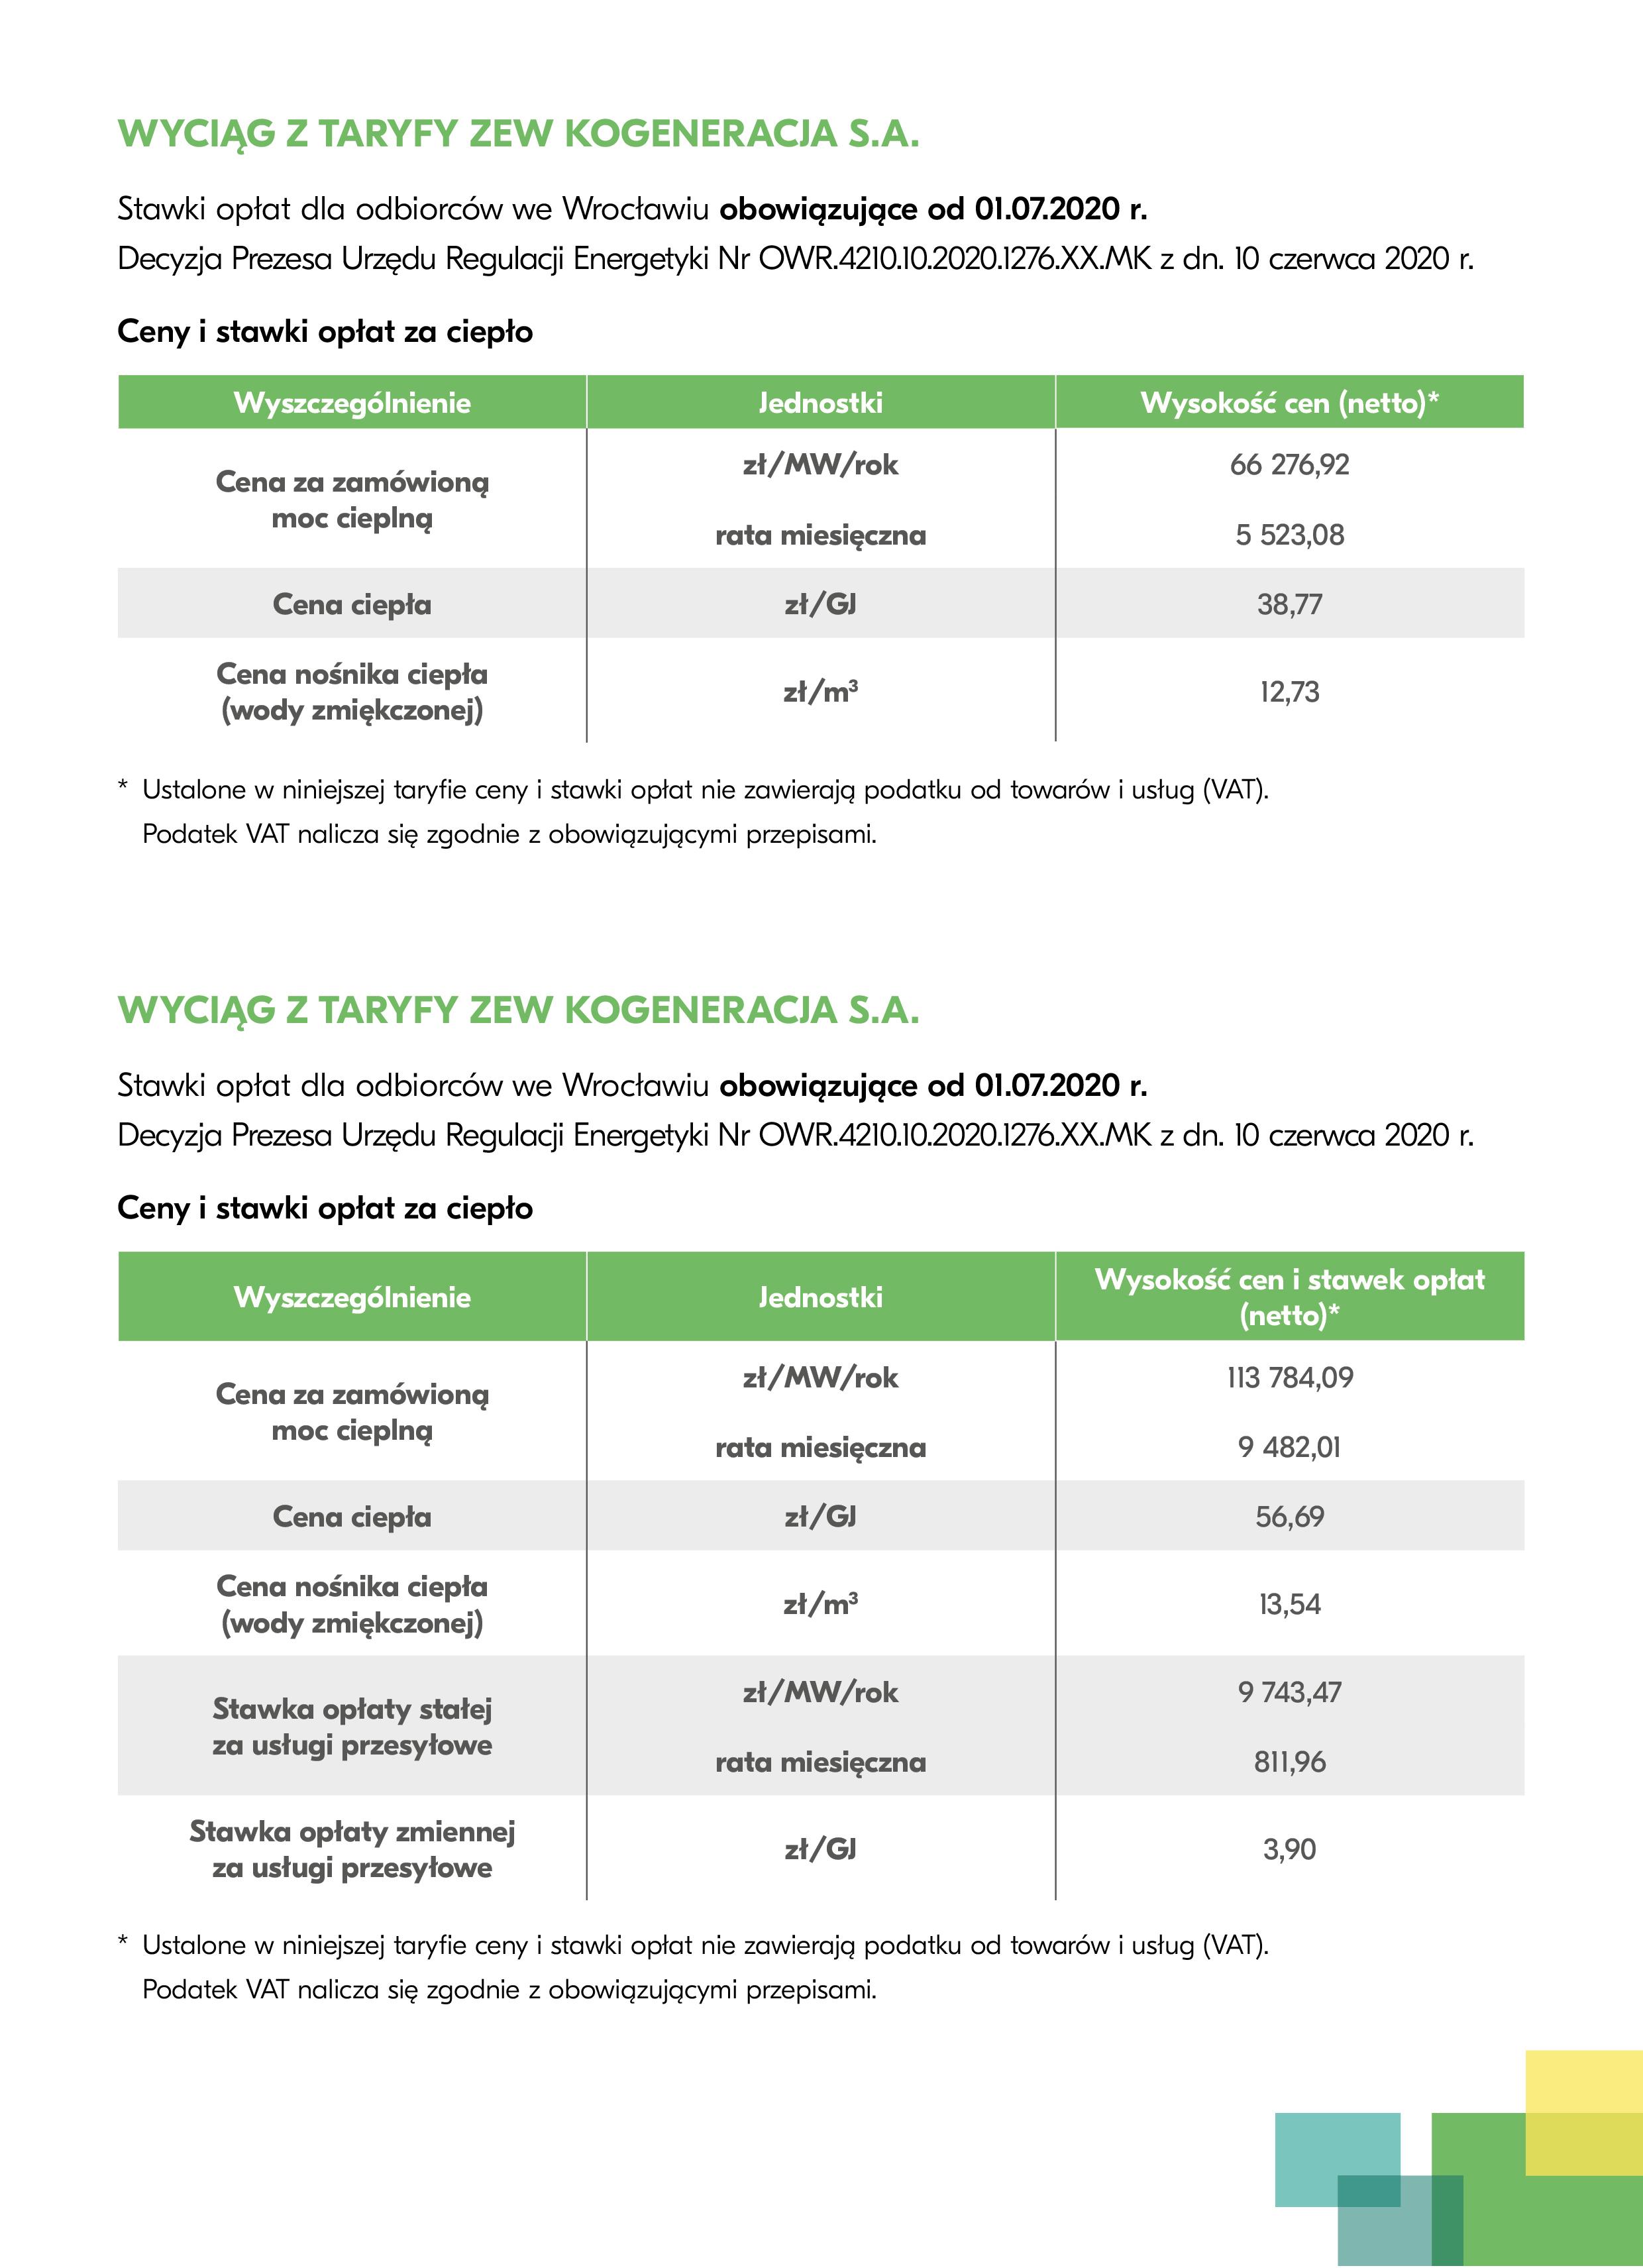 Fortum Taryfa dla ciepła 07.2020 Wrocław Kogeneracja